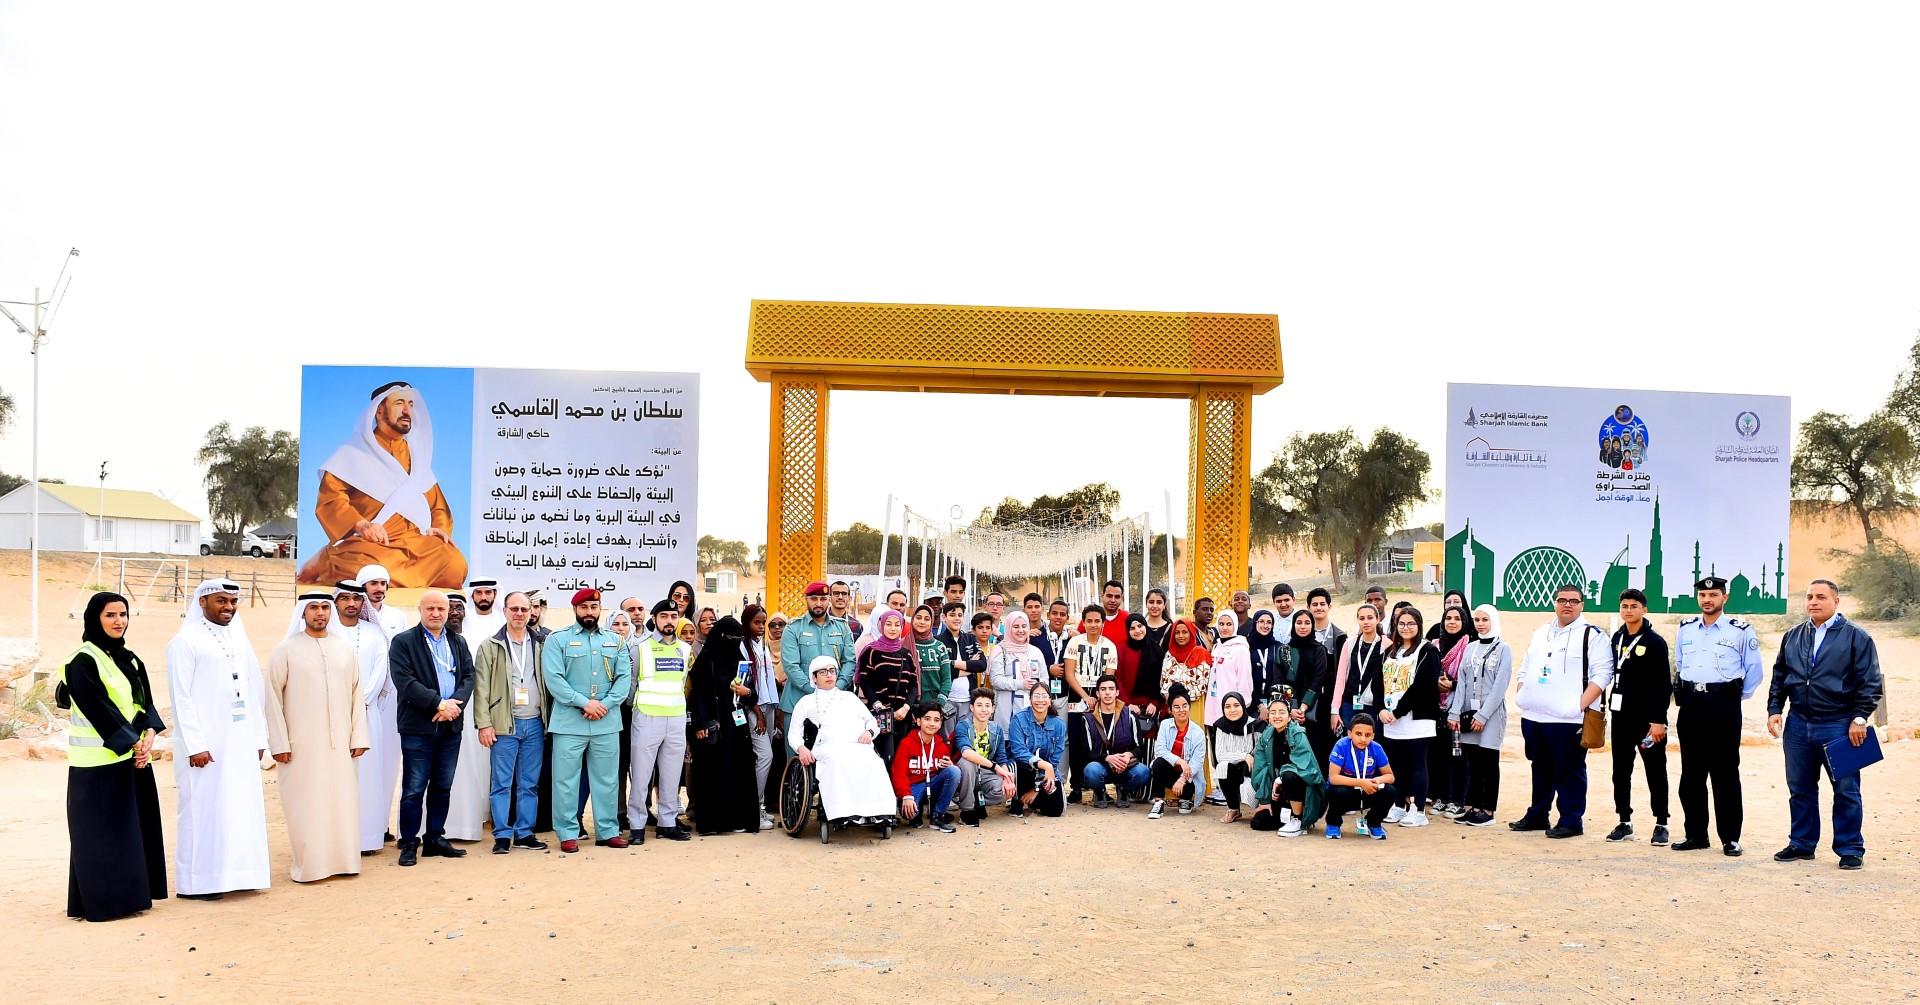 البرلمان العربي للطفل يزور أكاديمية الشارقة لعلوم وتكنولوجيا الفضاء ومنتزه الشرطة الصحراوي